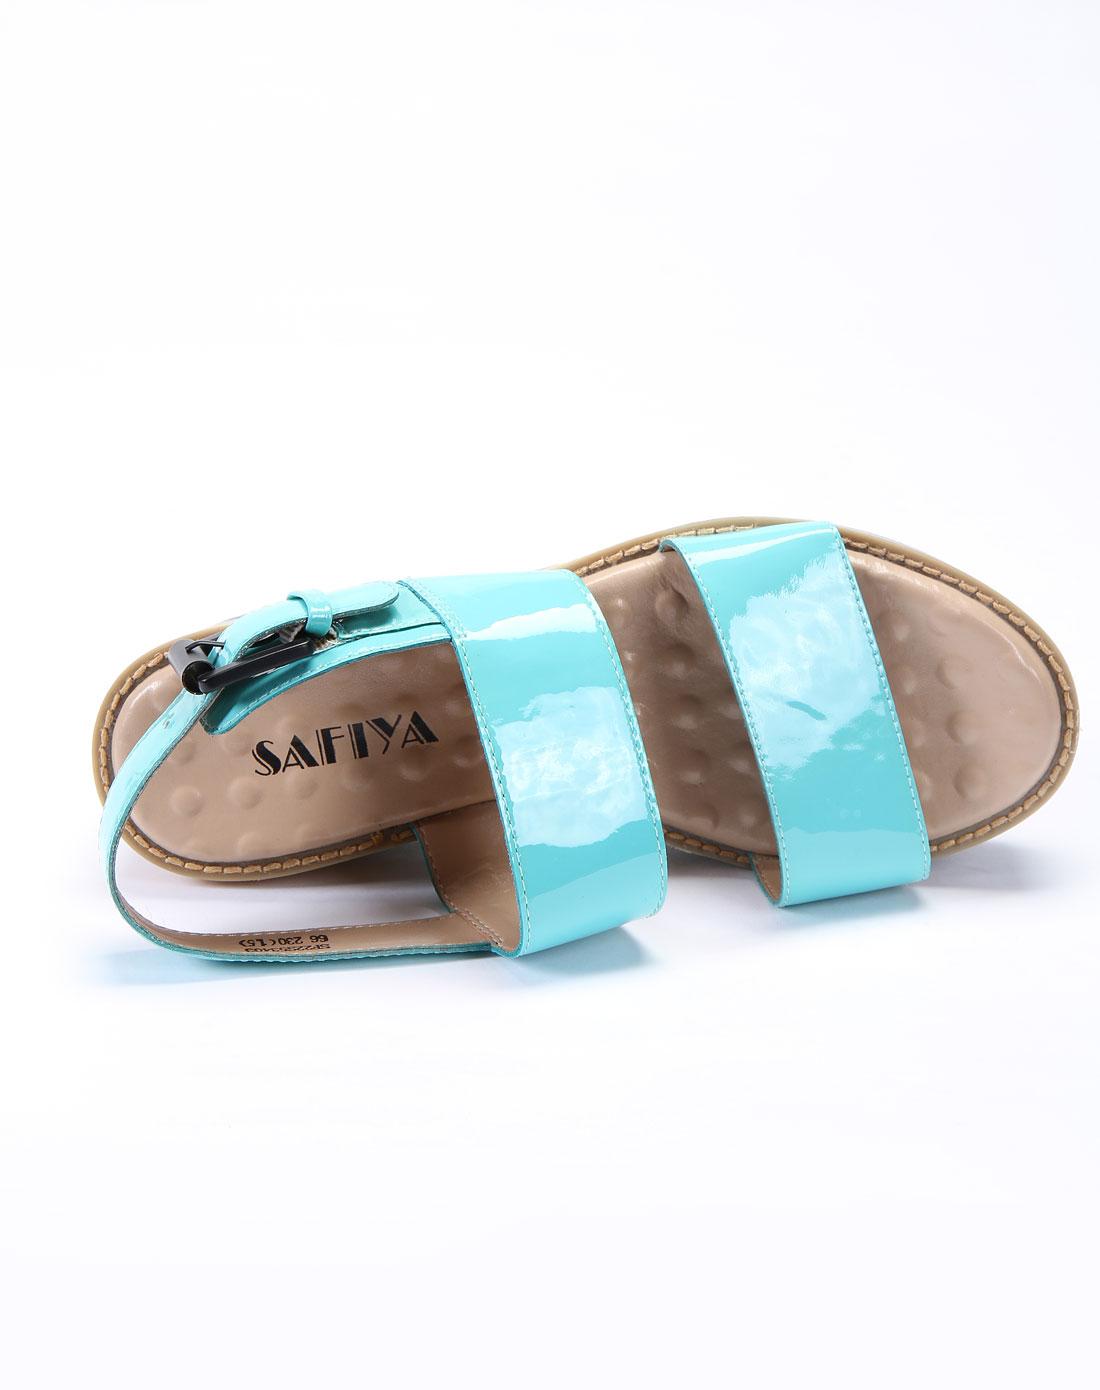 索菲娅safiya女款蓝色漆面牛皮凉鞋